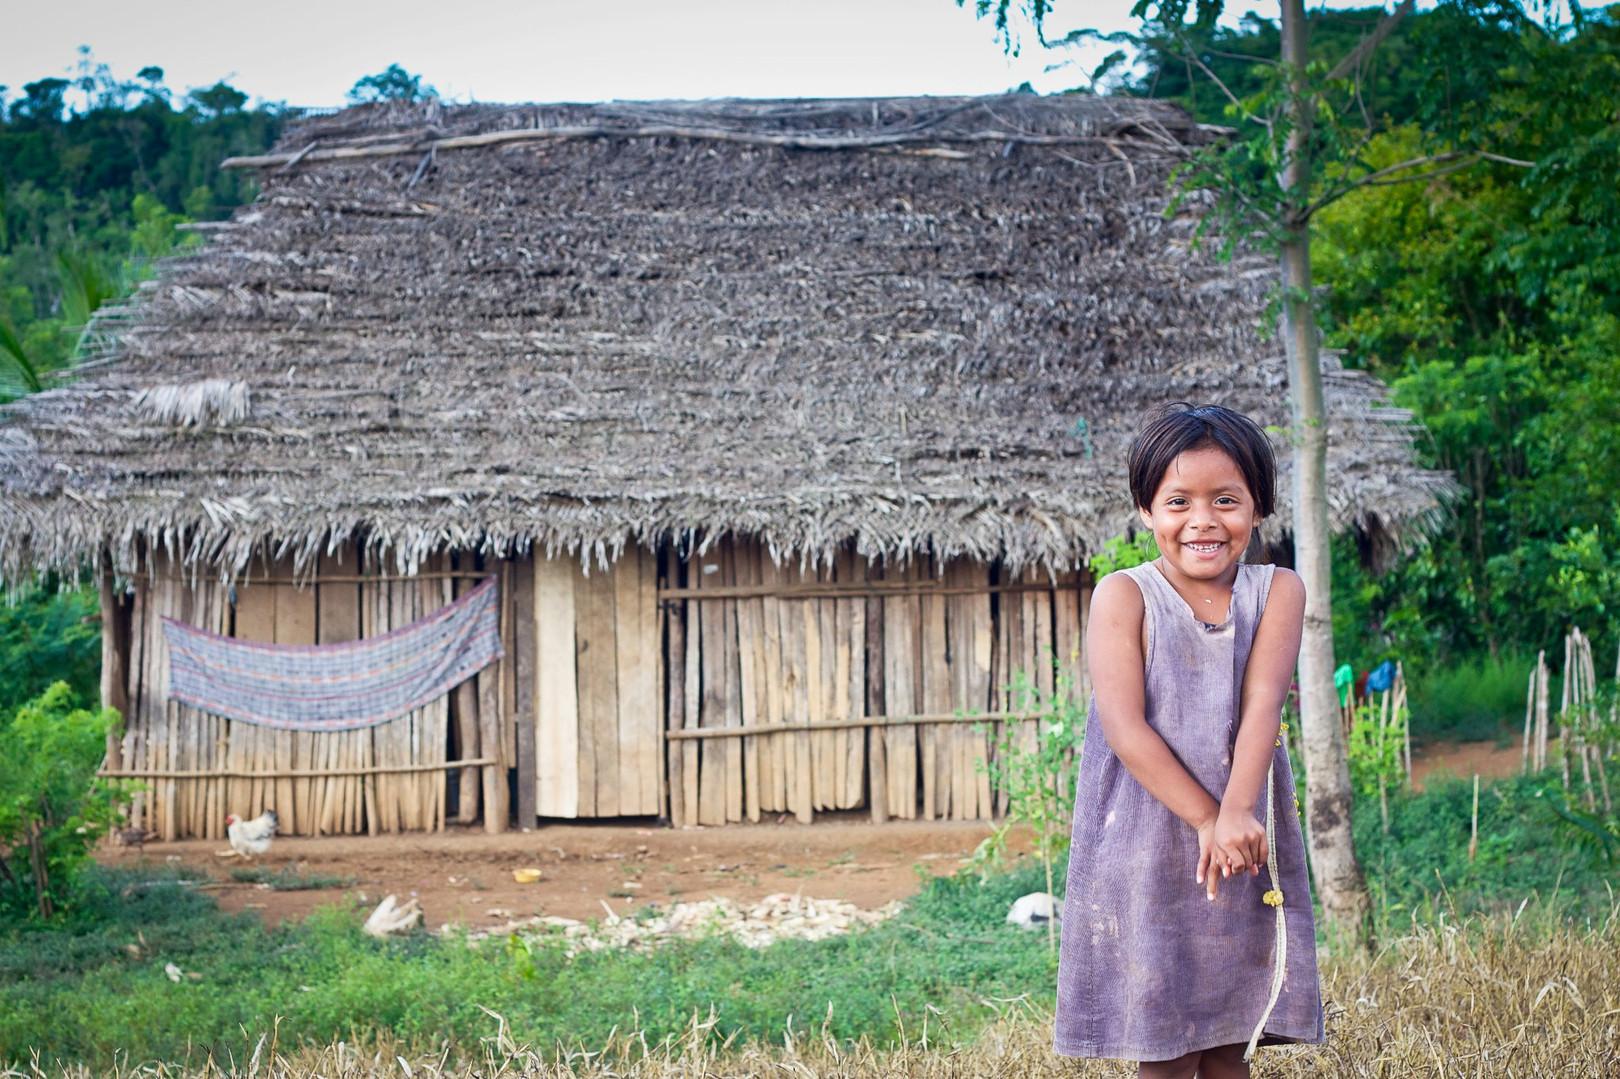 Guate girl